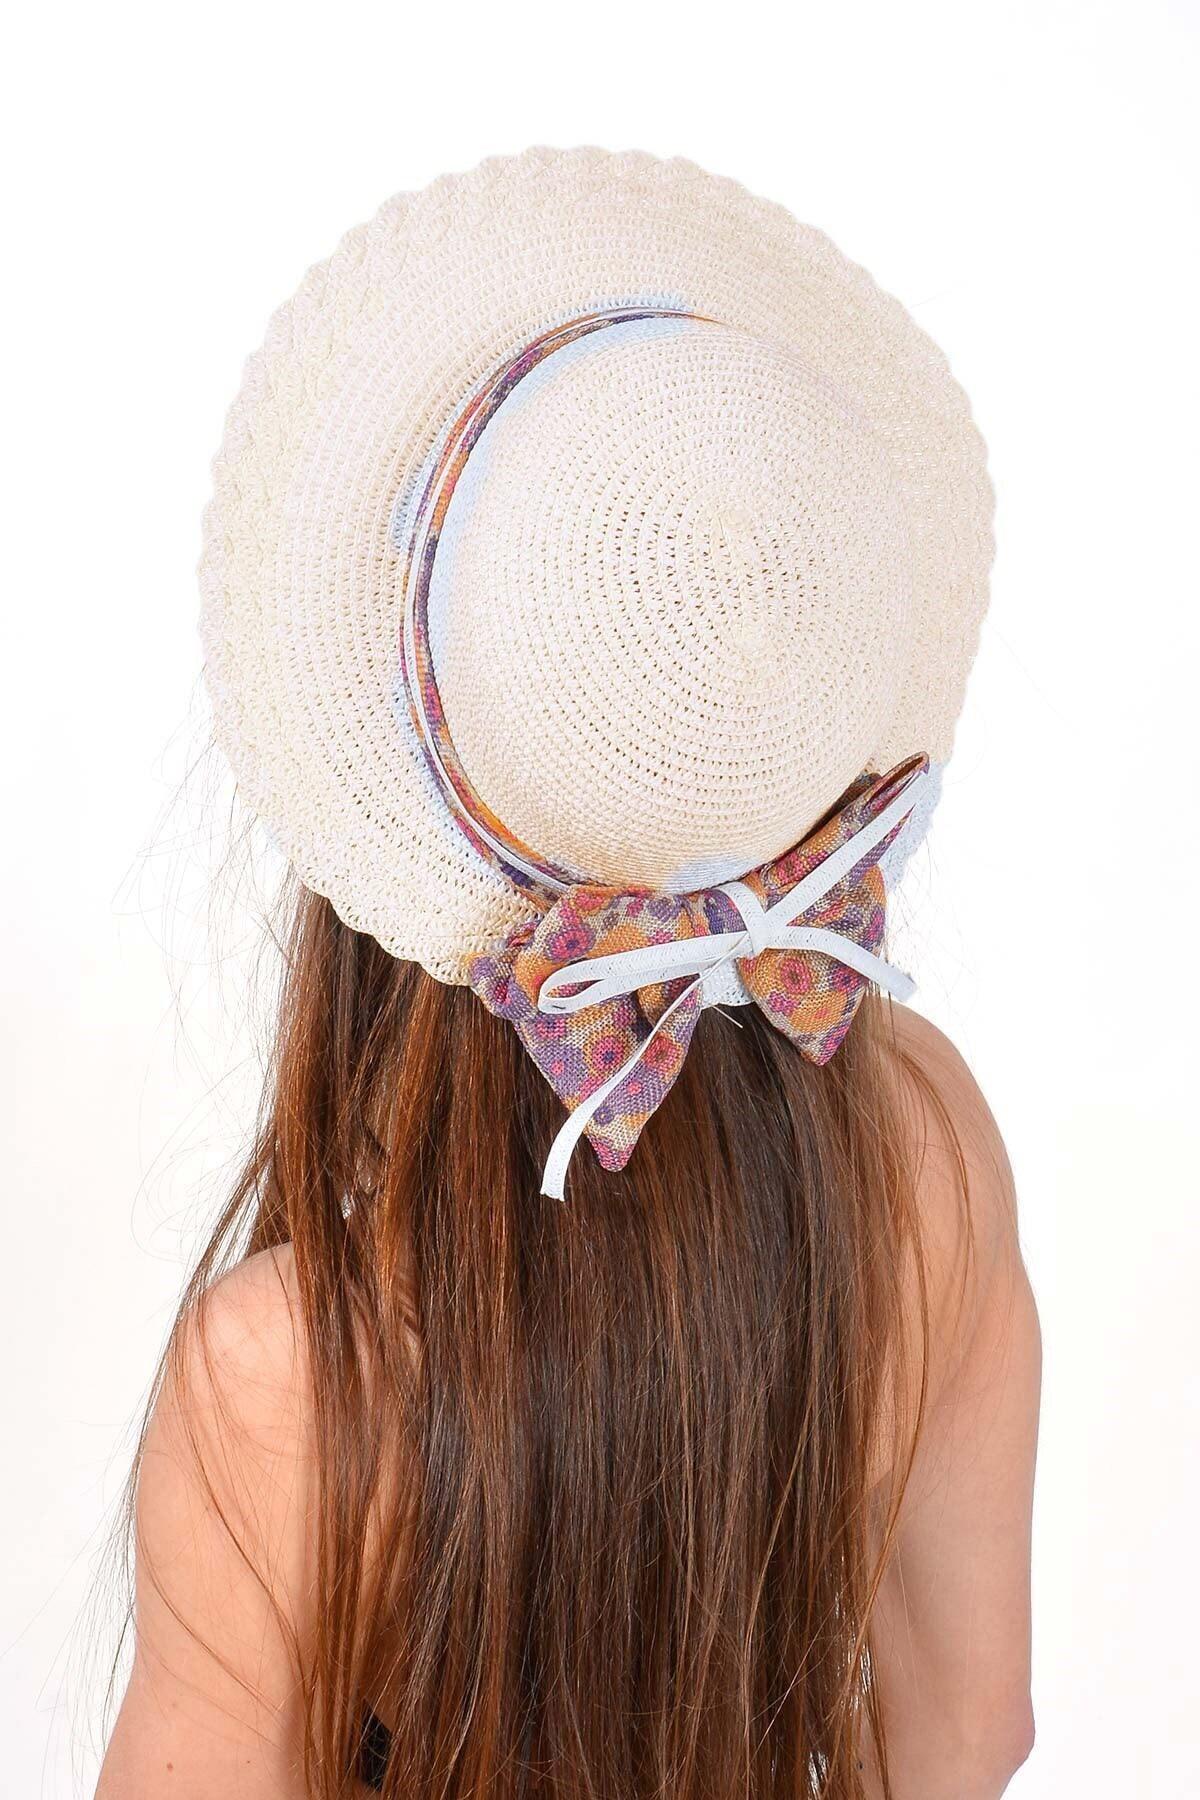 Mossta Kadın Bej Çiçek Detay Hasır Şapka 2